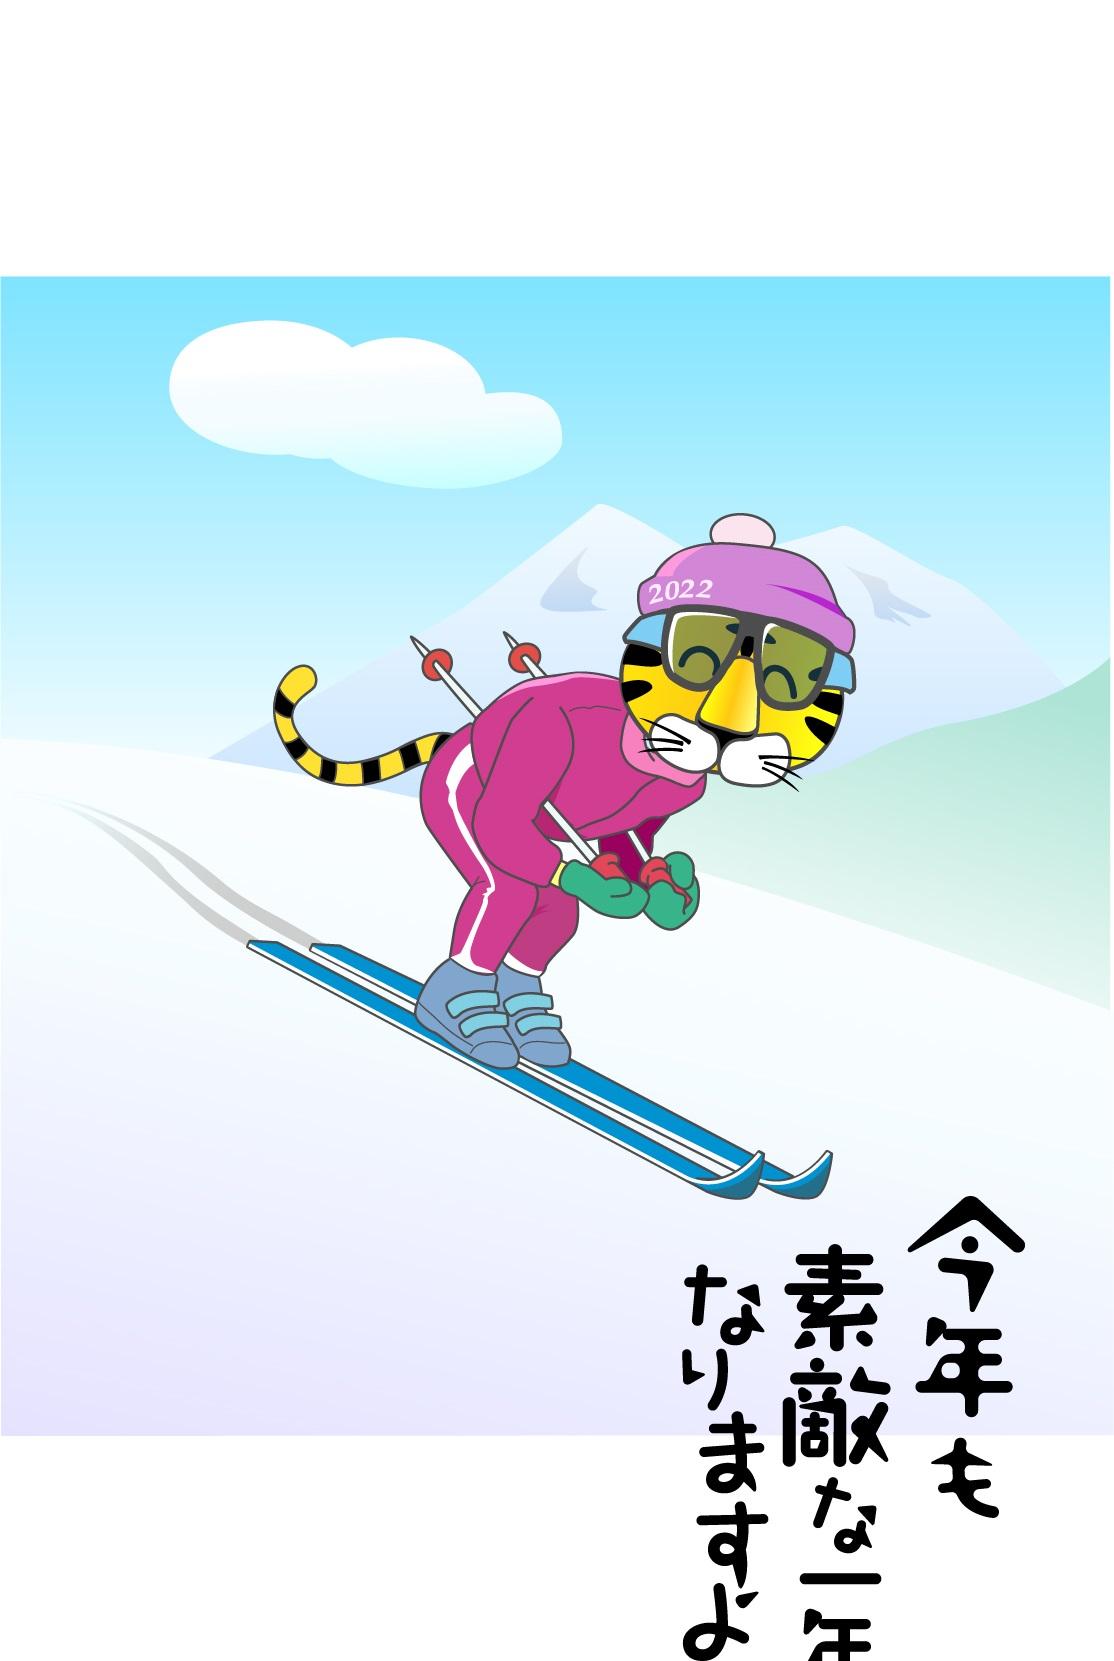 令和4年(2022)スキー&干支の虎がイラストでデザインされている年賀状